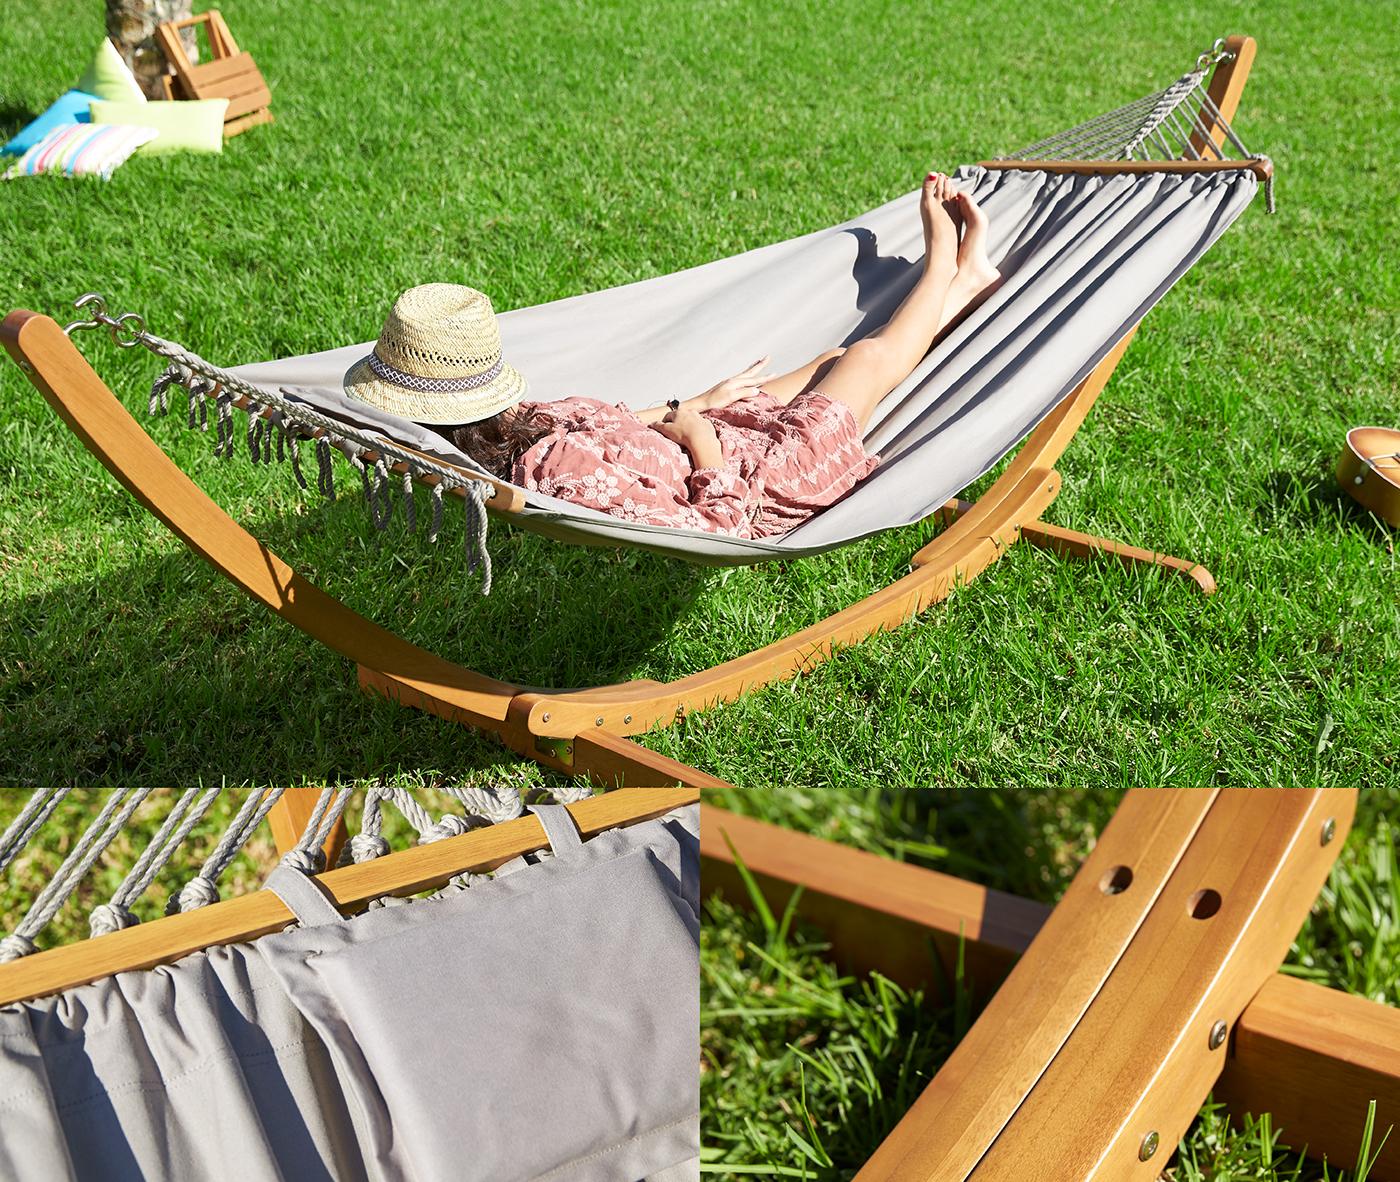 bain de soleil carrefour coussin bain de soleil prix bas. Black Bedroom Furniture Sets. Home Design Ideas